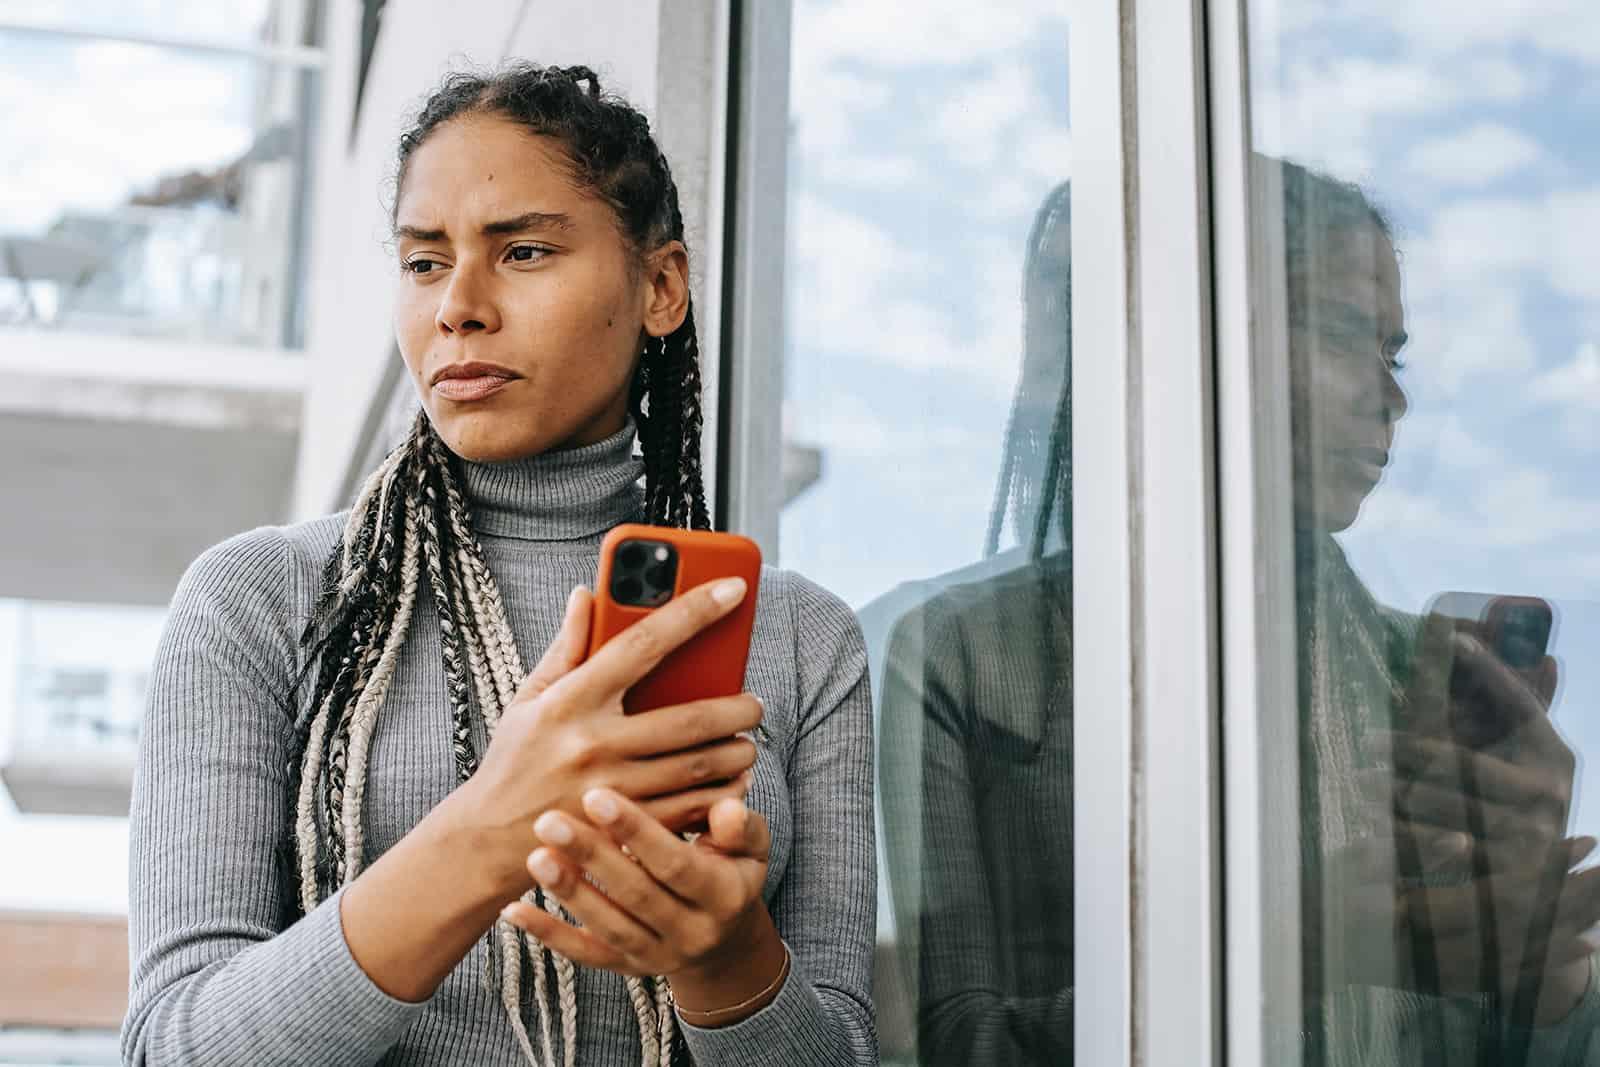 nachdenkliche Frau, die über das Lösen eines Problems nachdenkt, das ein Smartphone hält